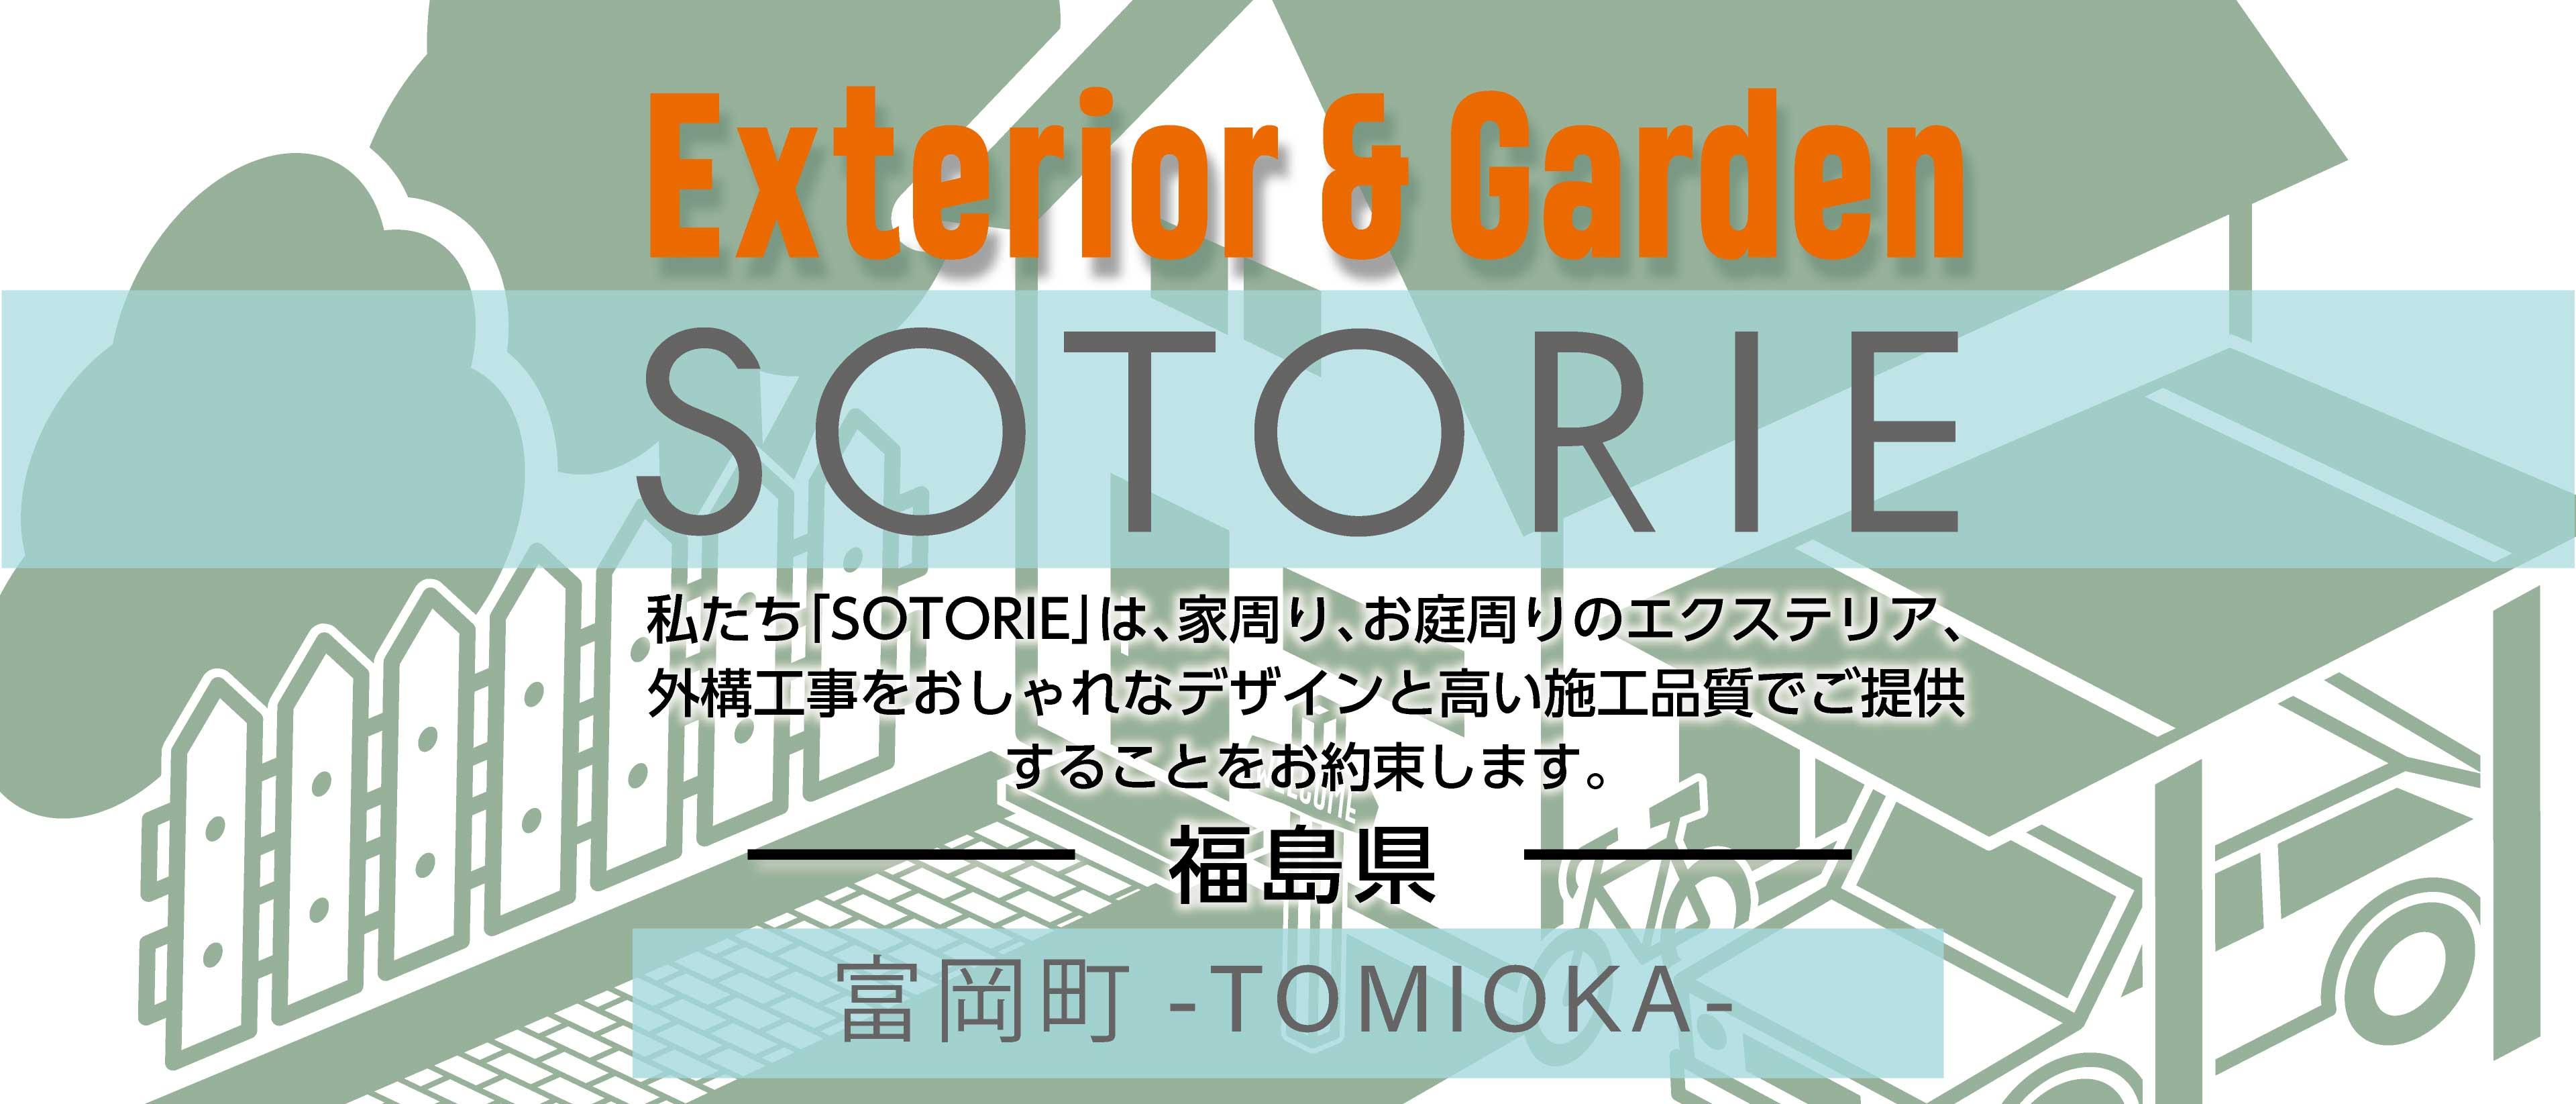 ソトリエ富岡町では、家周りと庭周りの外構、エクステリア工事をおしゃれなデザインと高い施工品質でご提供することをお約束します。